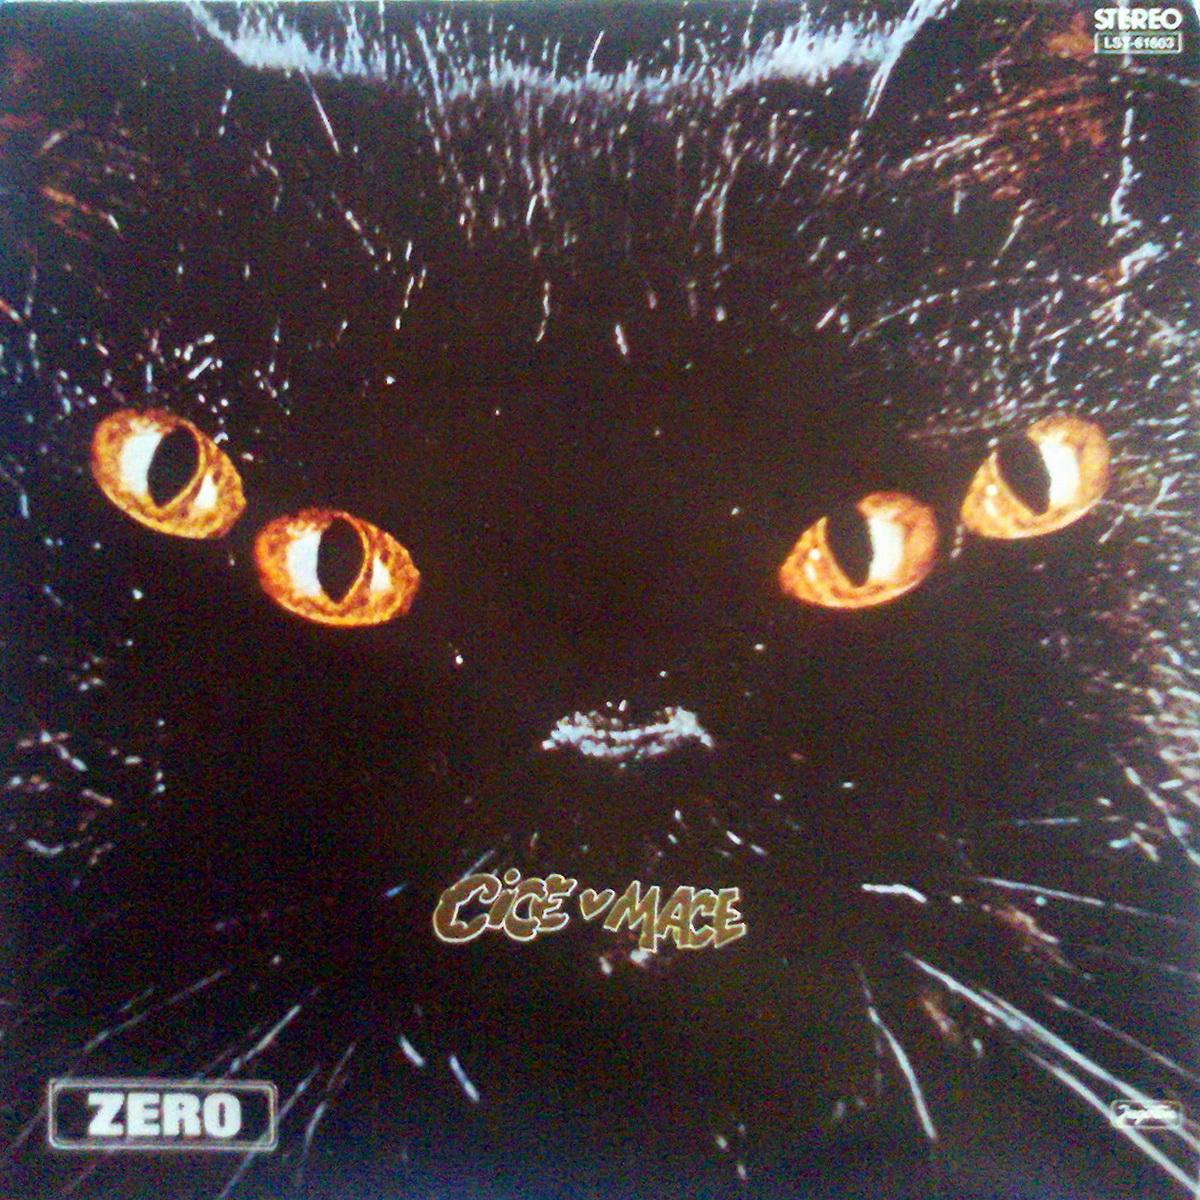 Cice Mace 1981 Zero a